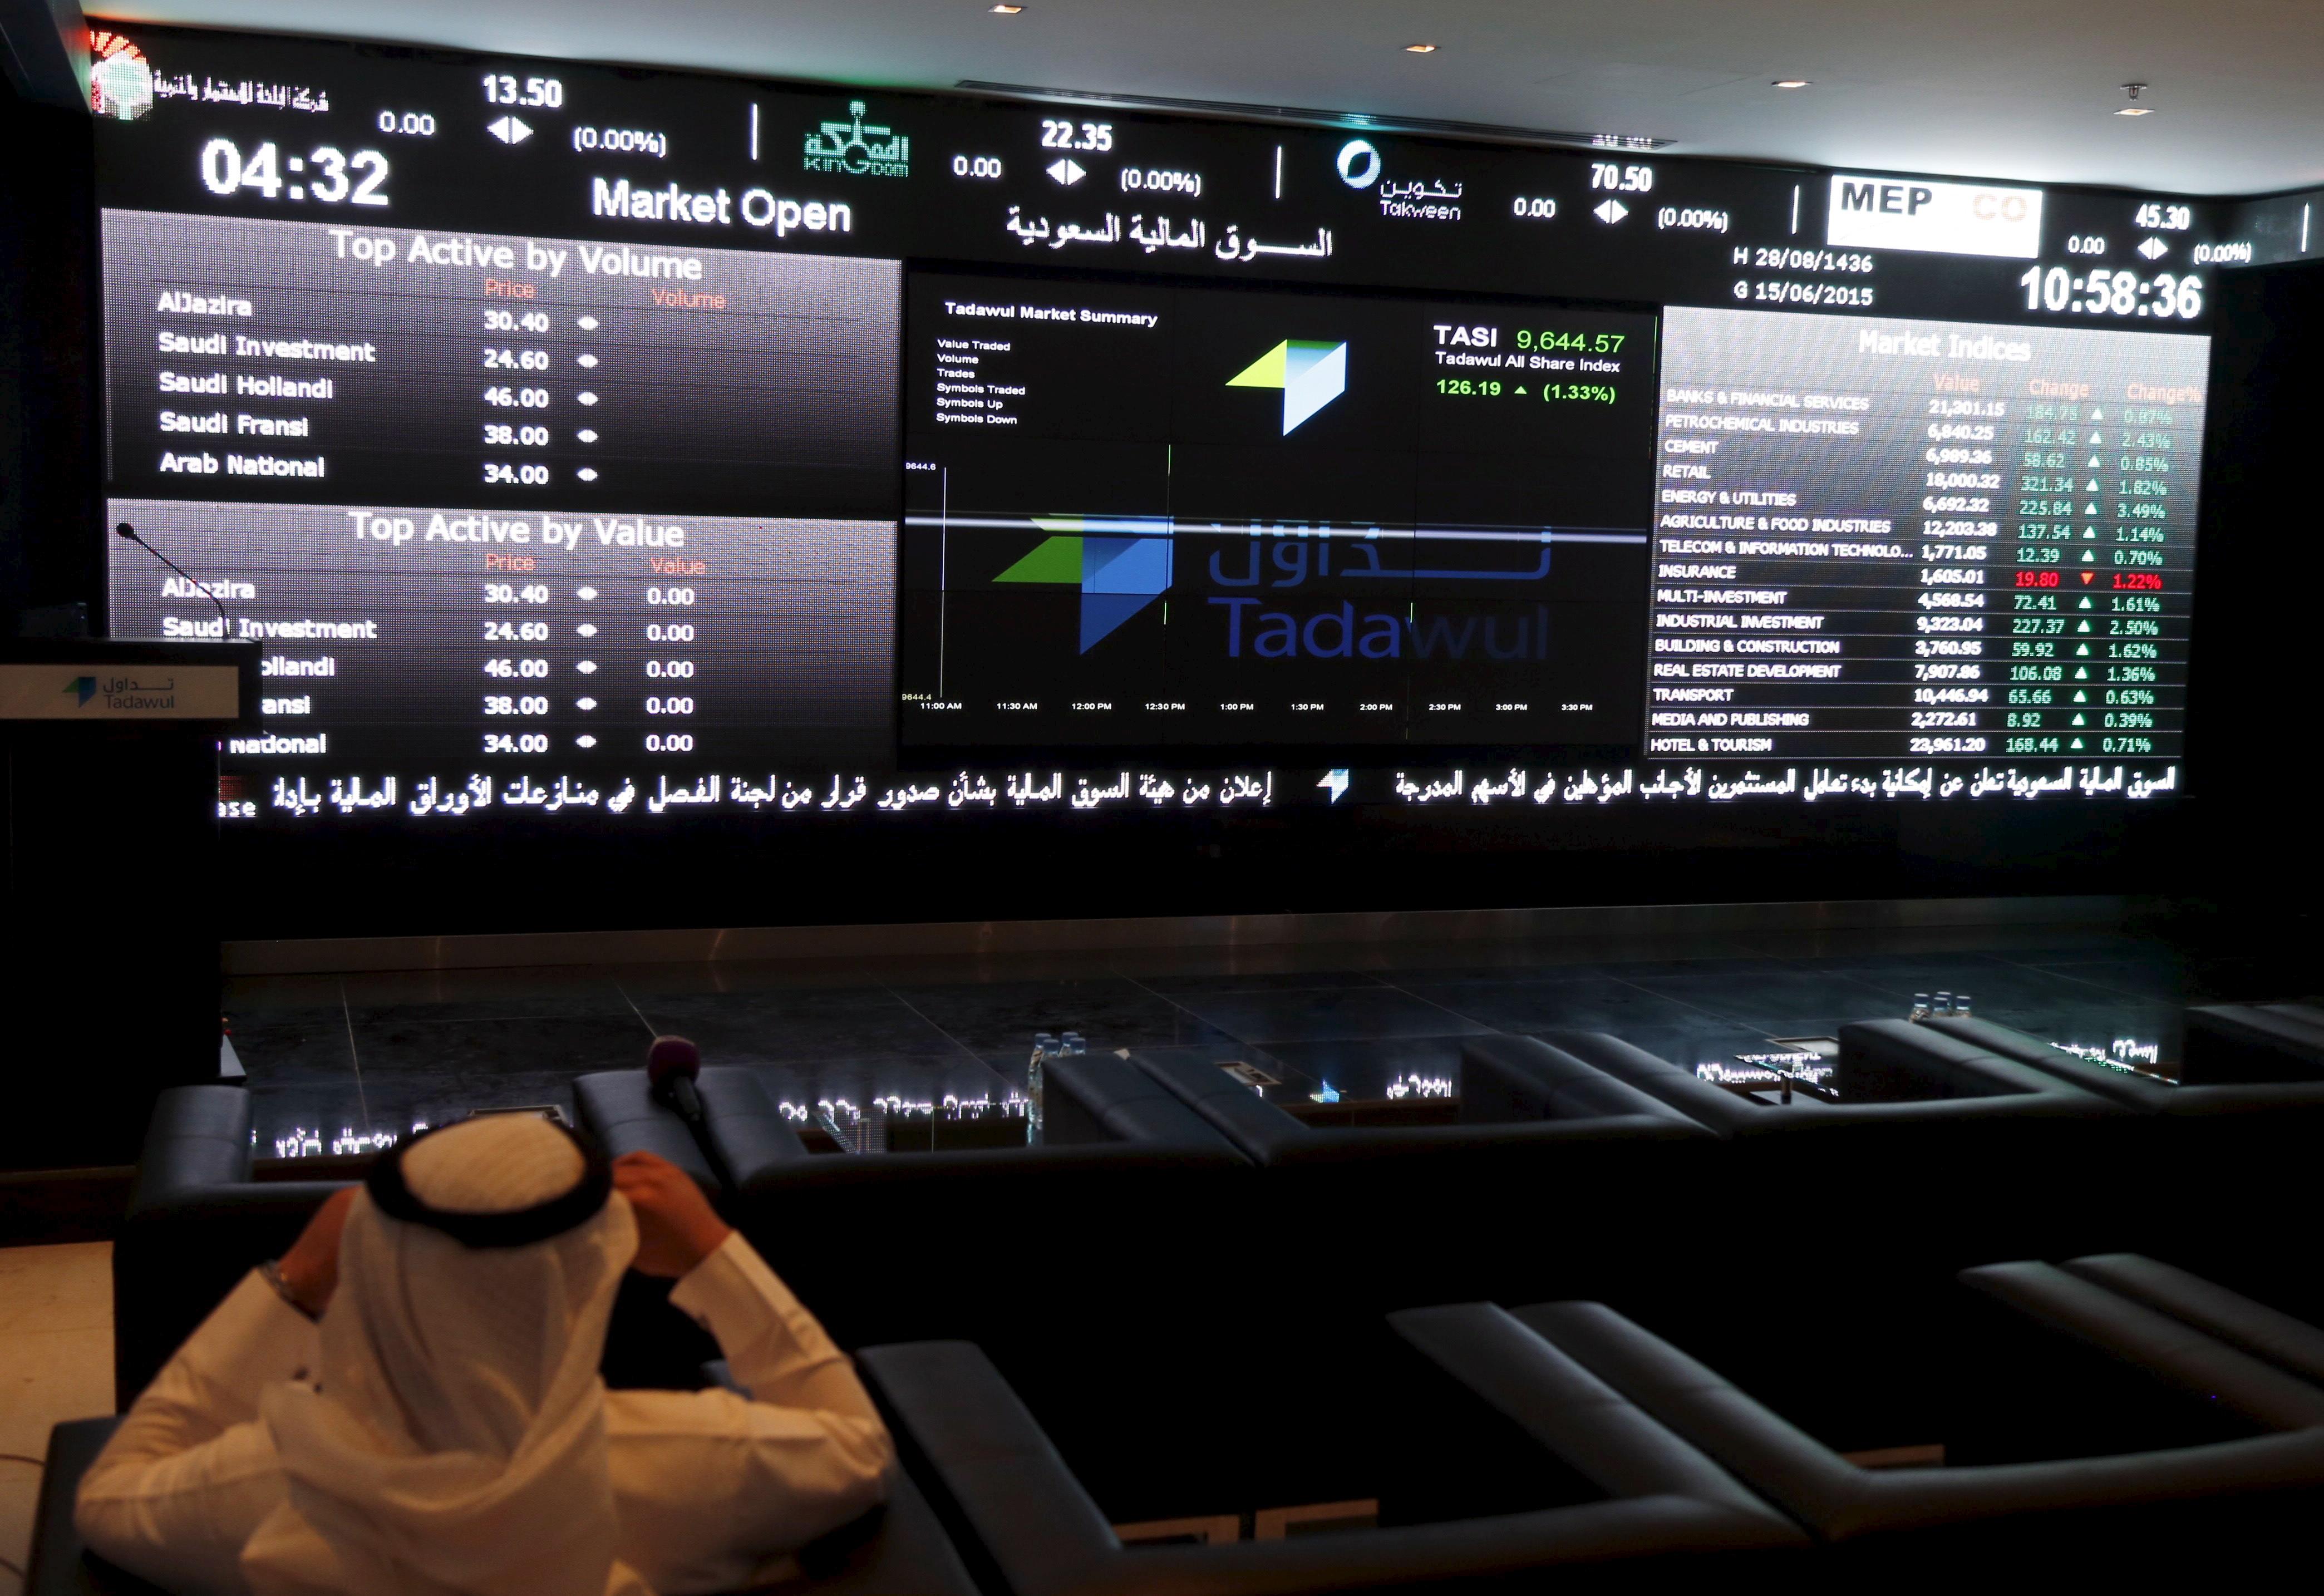 4% ملكية المستثمرين الأجانب في السوق السعودية   صحيفة الاقتصادية